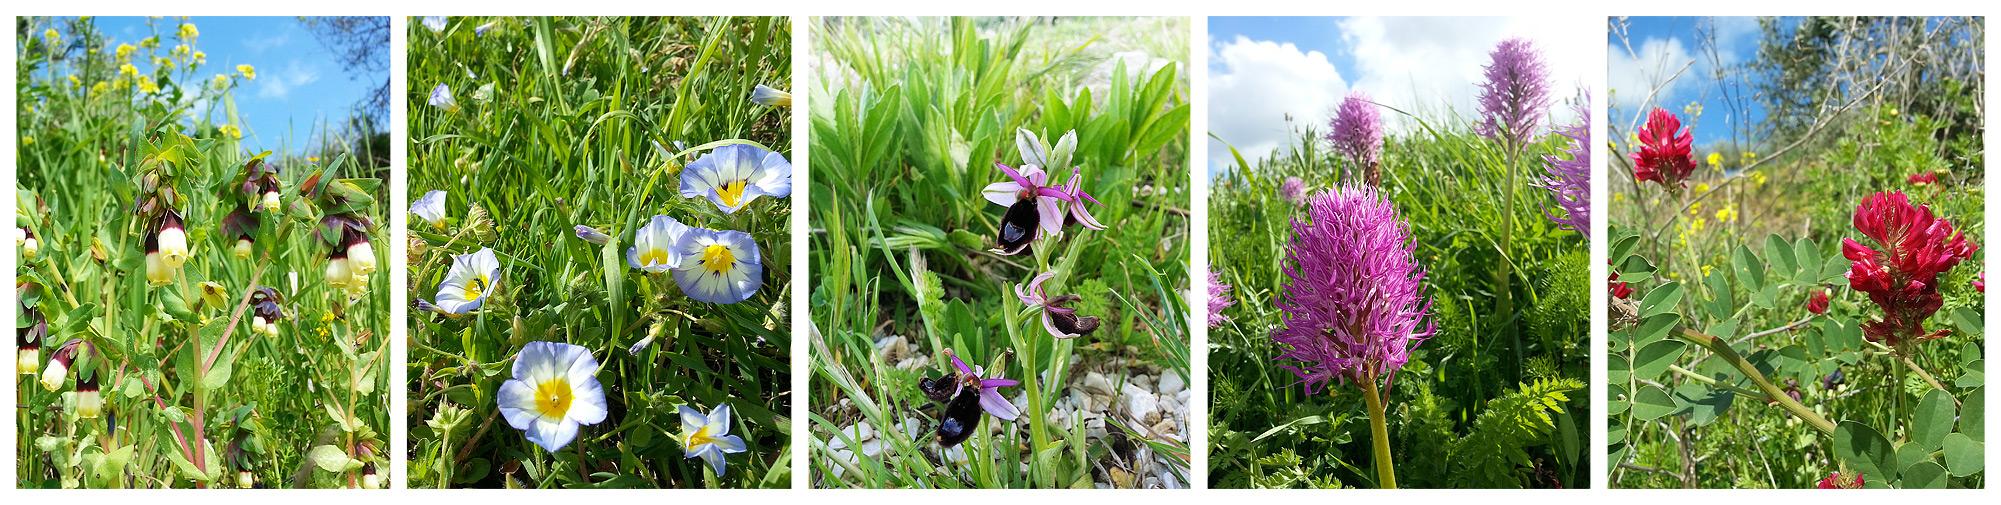 Enkele van de vele bloemsoorten die in de maand april in bloei staan